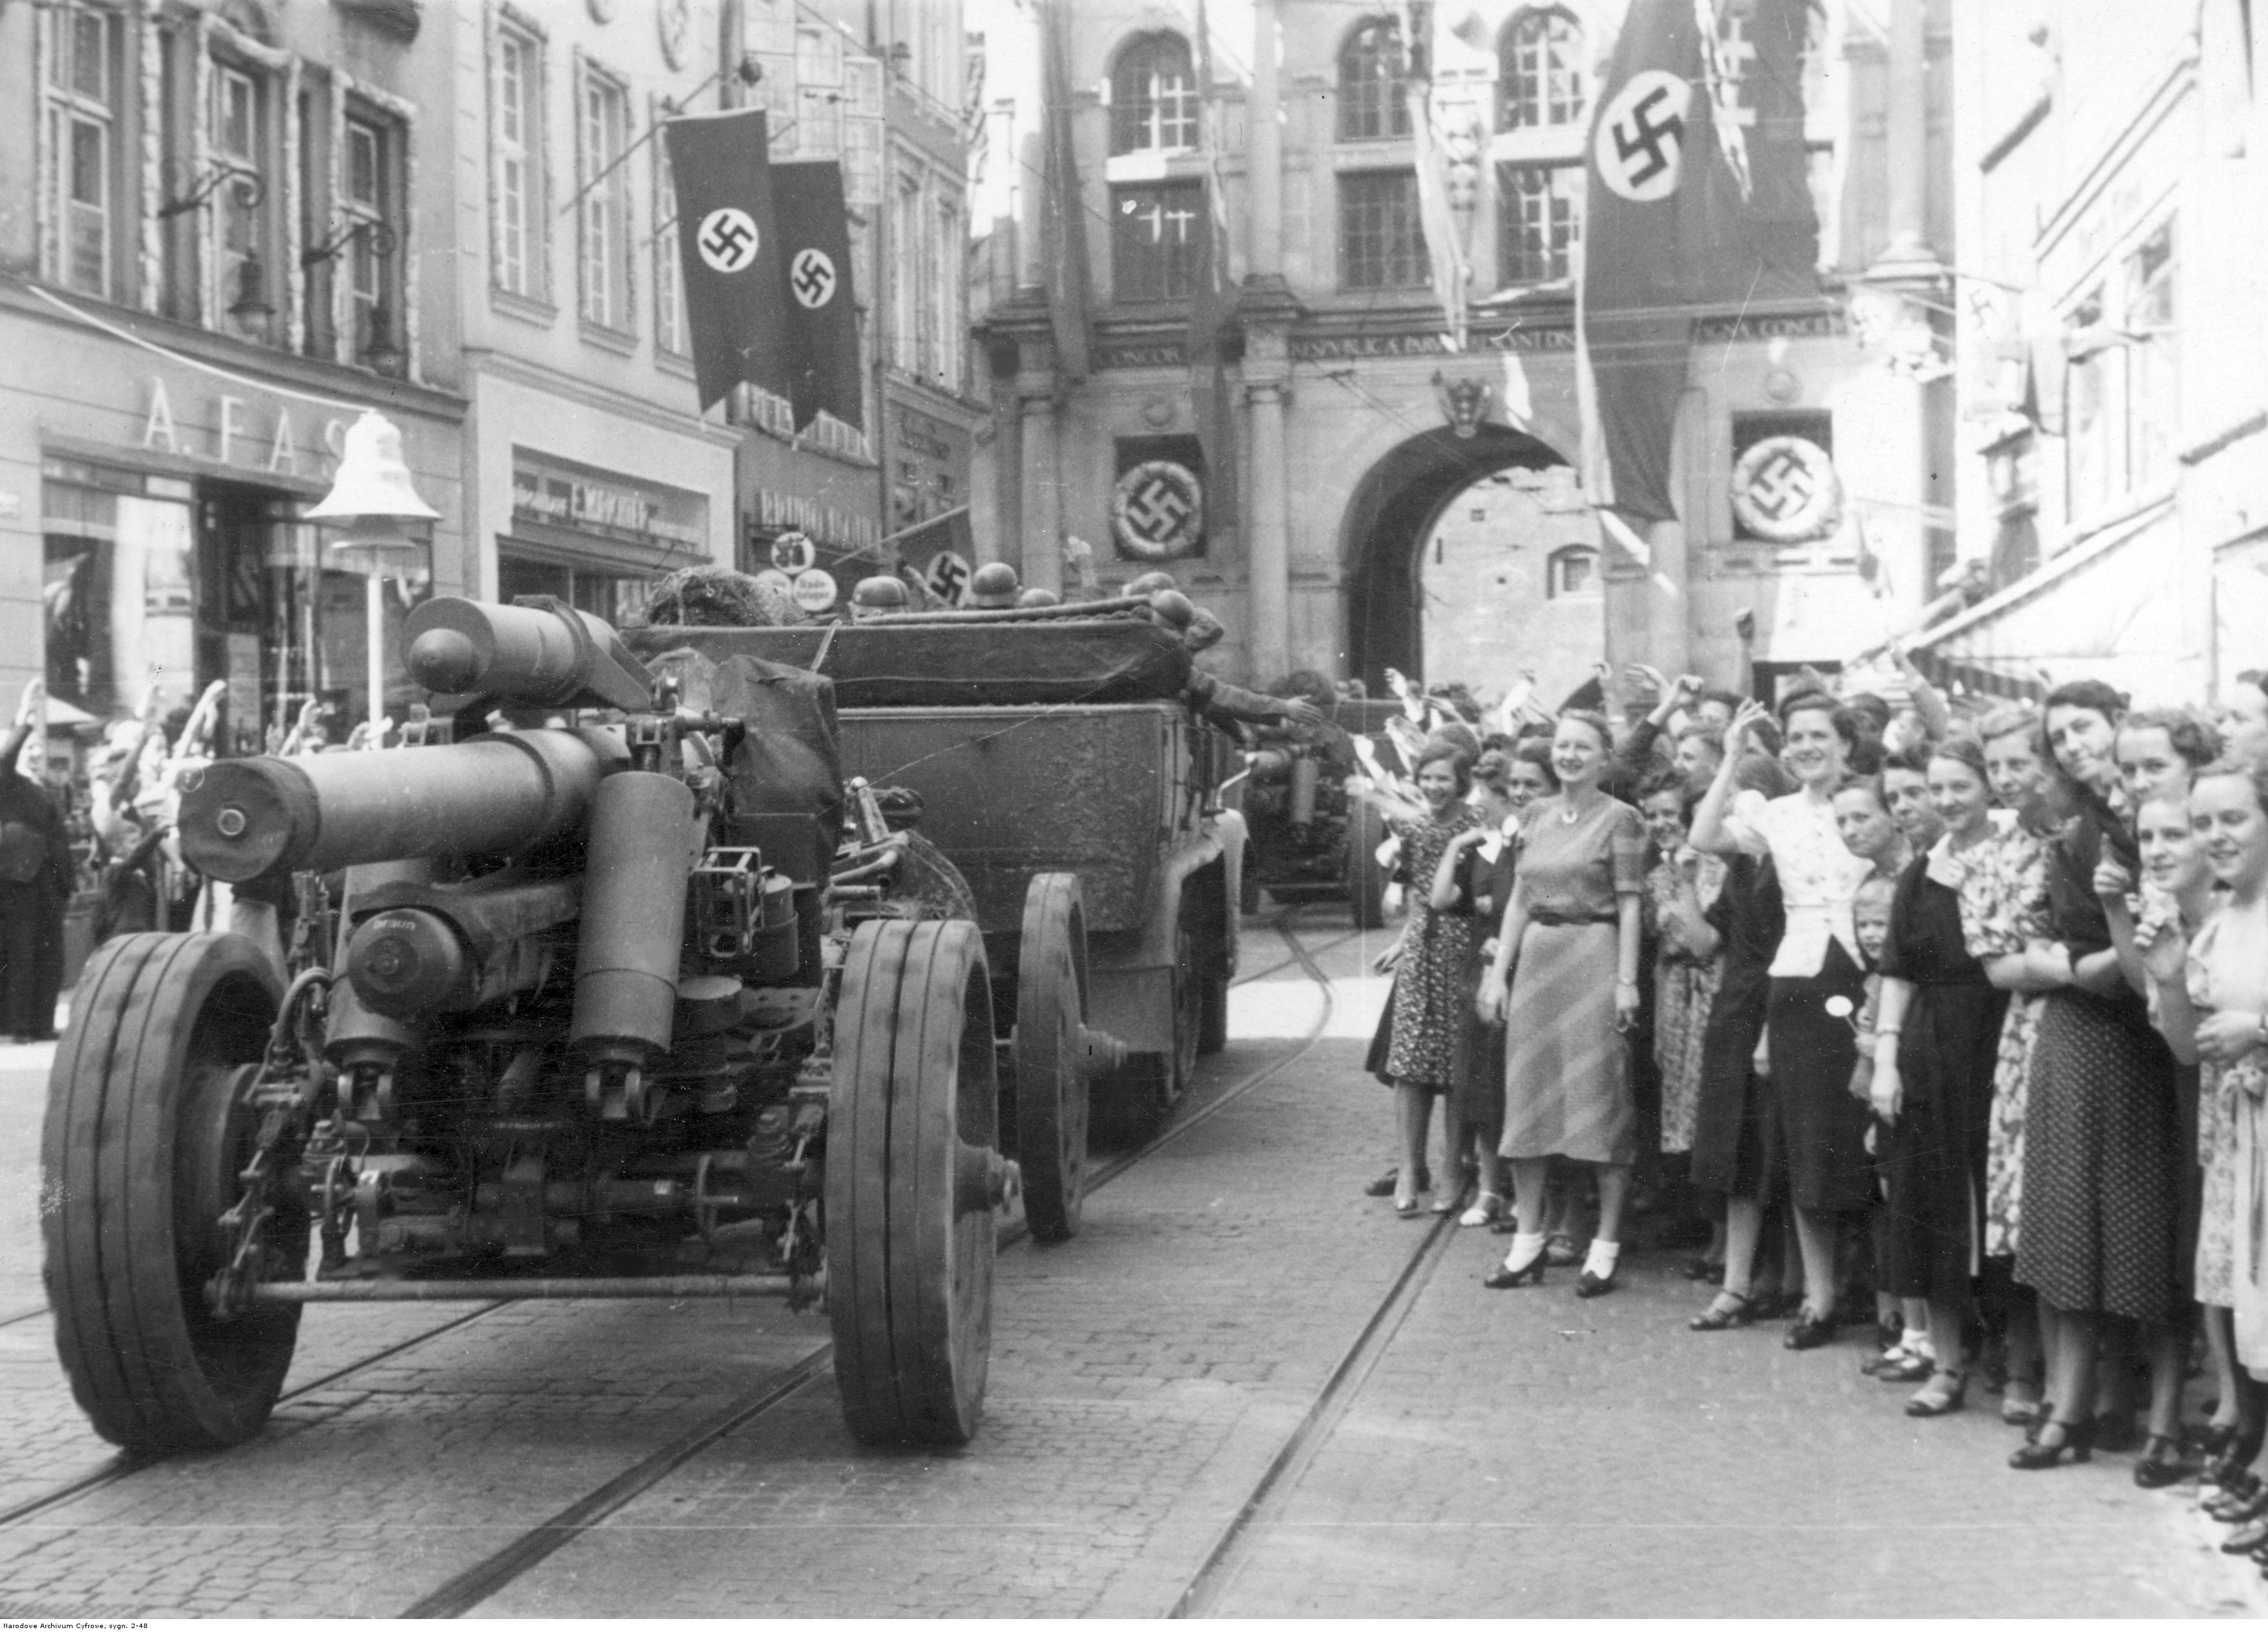 A população alemã de Gdańsk dá as boas-vindas ao exército alemão no Long Market. Canhão visível sFH 18 calibre 150 mm.